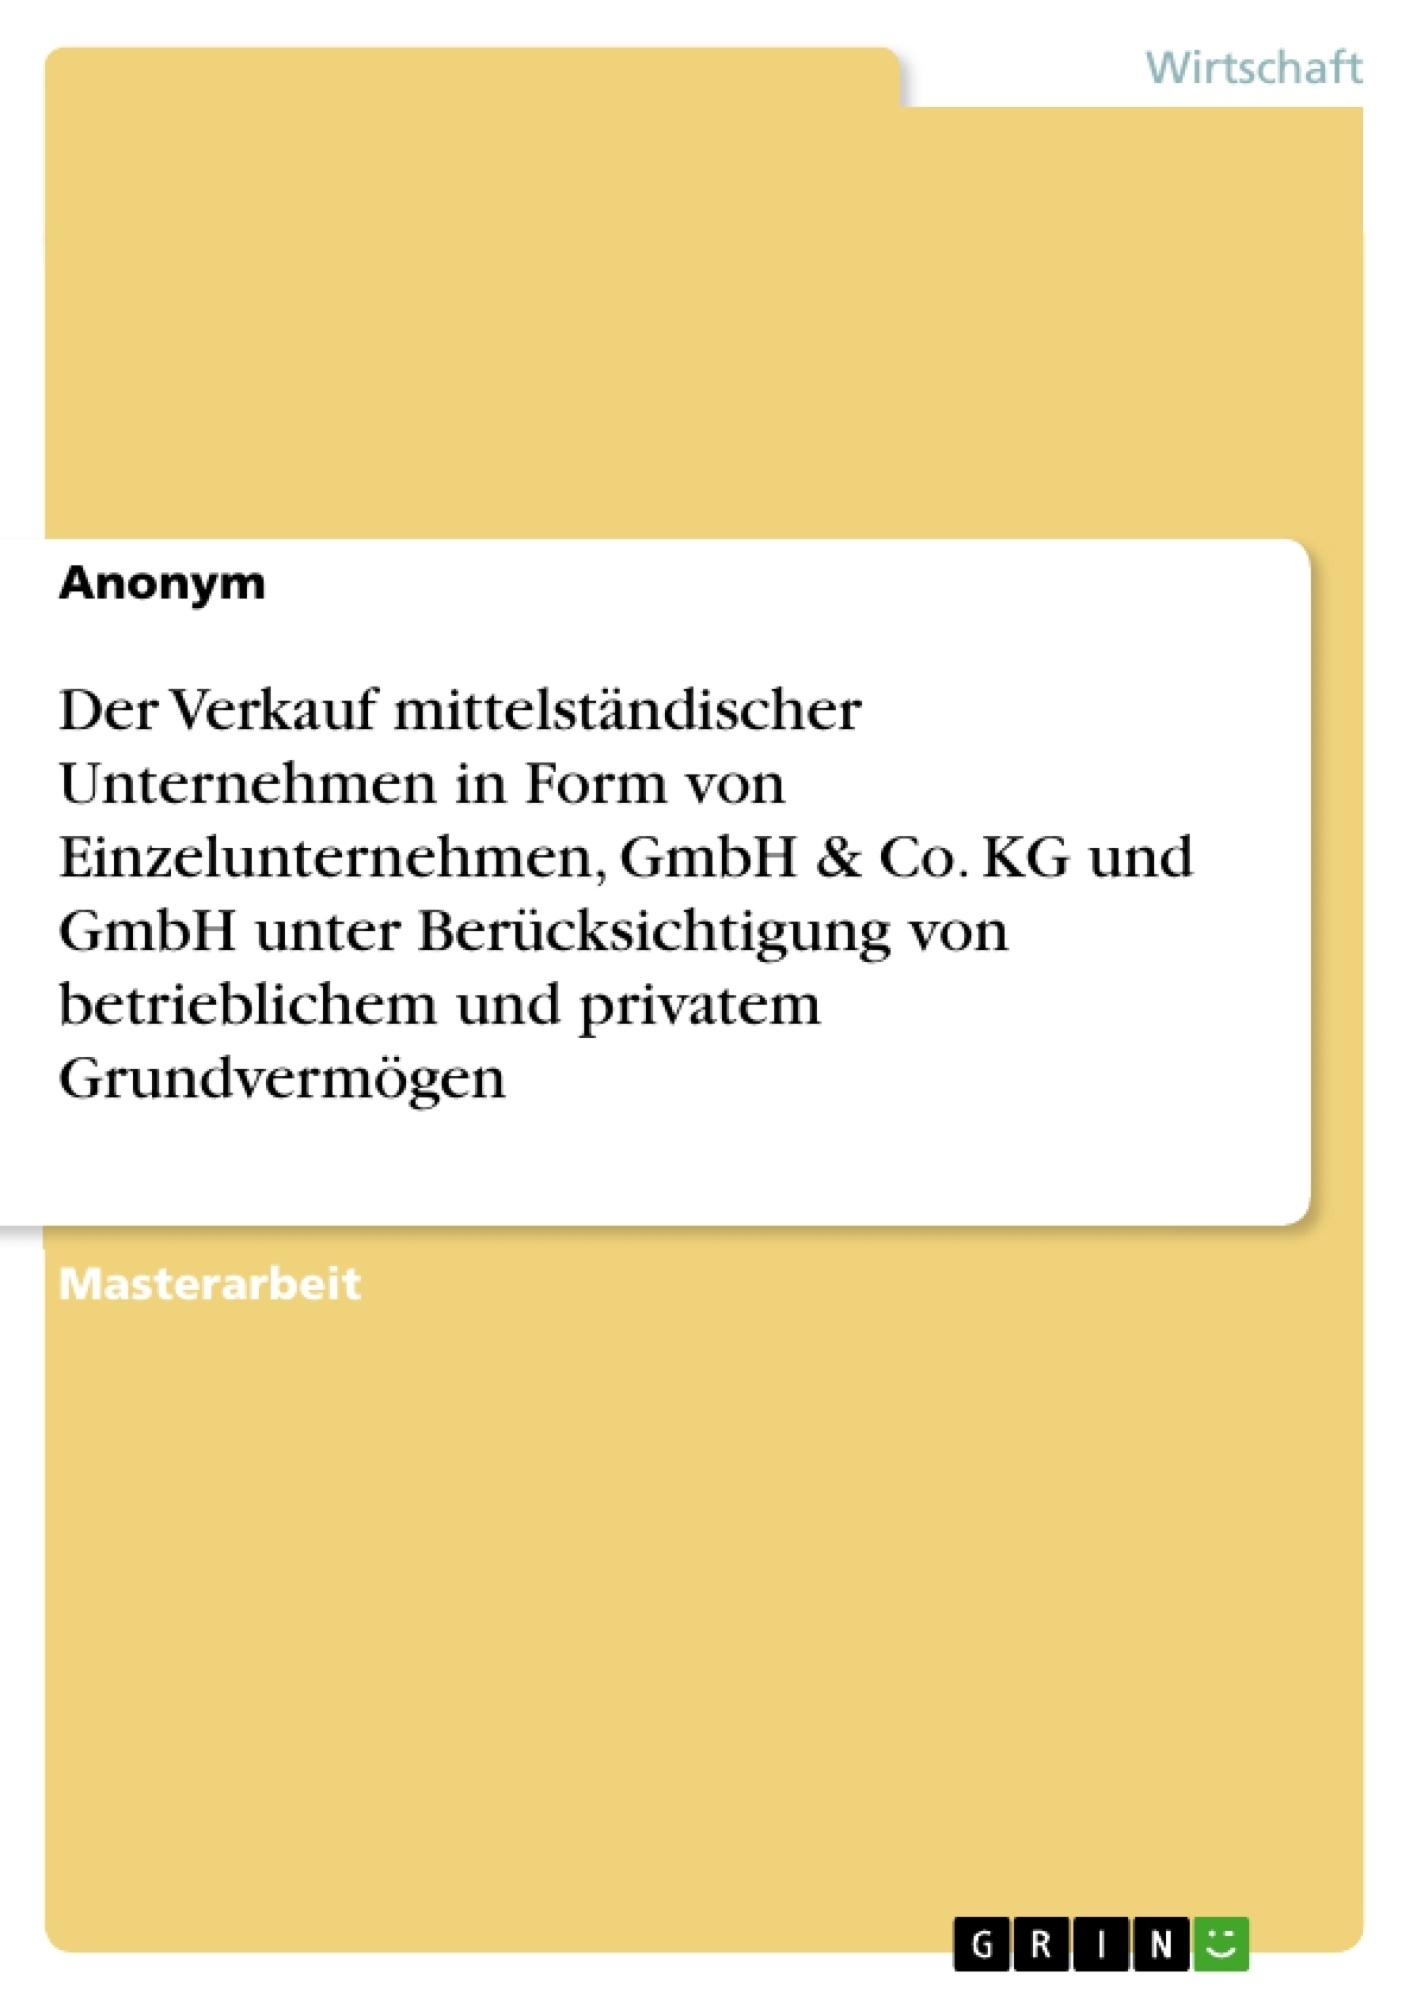 Titel: Der Verkauf mittelständischer Unternehmen in Form von Einzelunternehmen, GmbH & Co. KG und GmbH unter Berücksichtigung von betrieblichem und privatem Grundvermögen